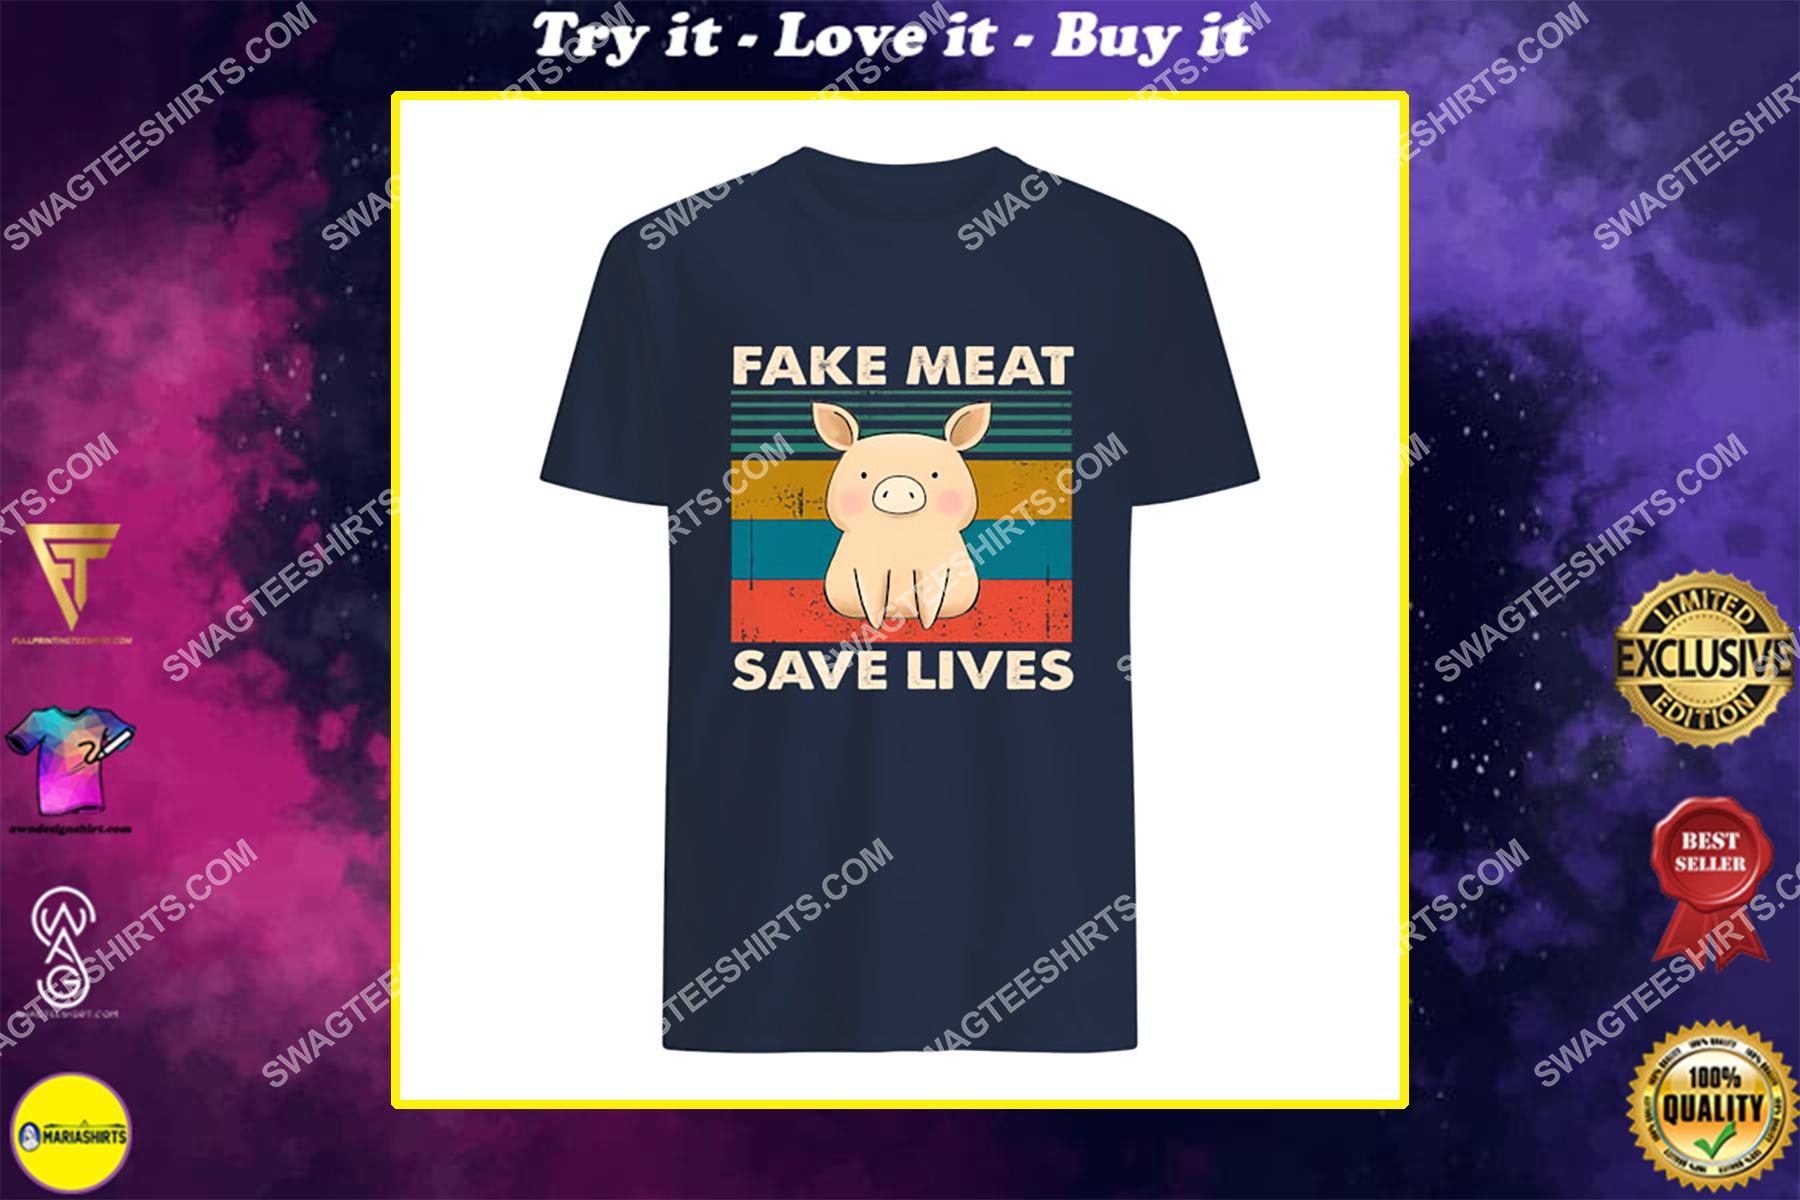 vegan pig fake meat save lives save animals shirt